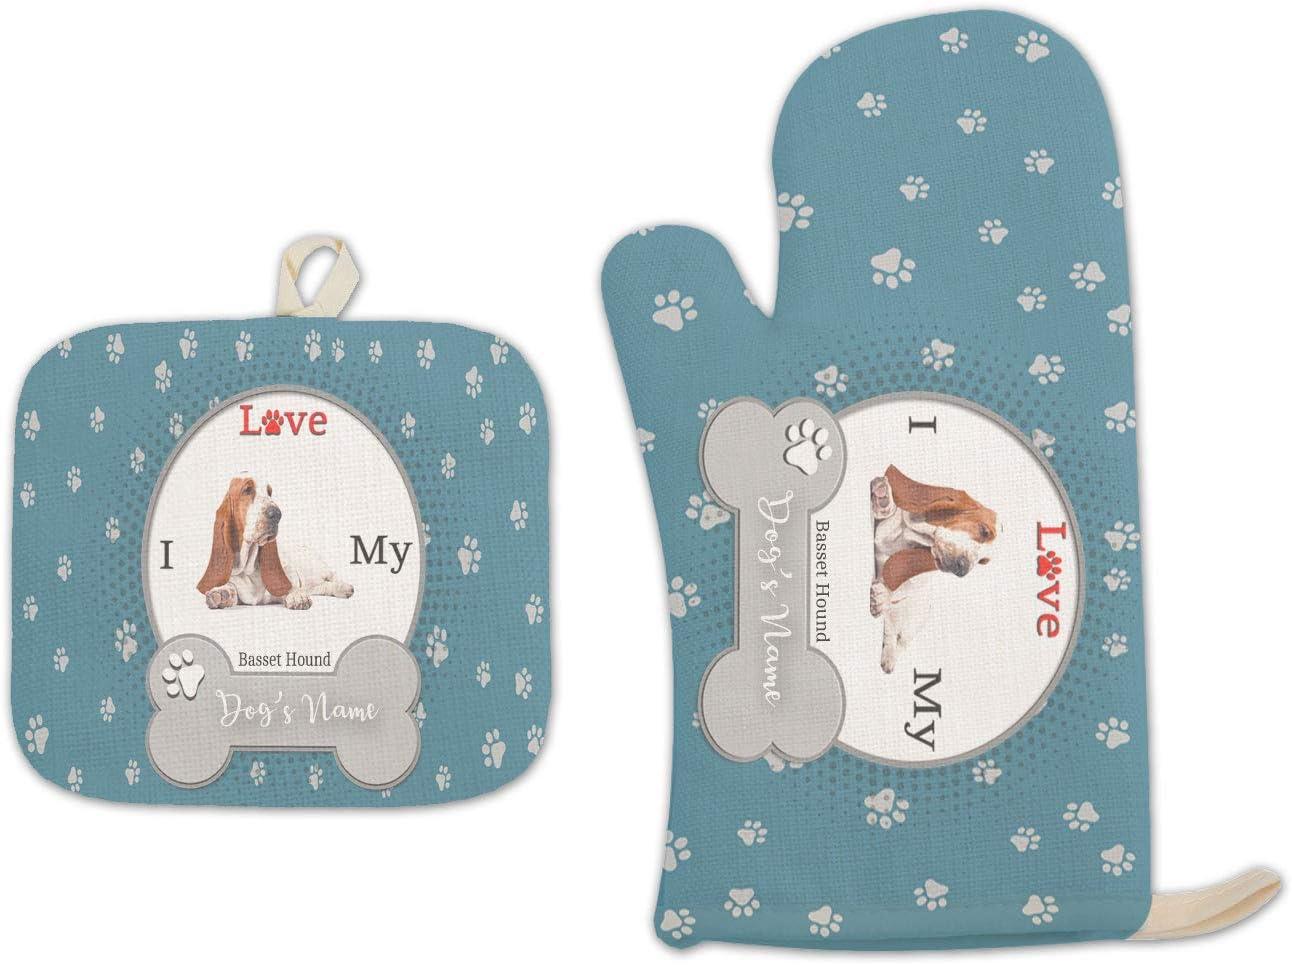 Bleu Reign BRGiftShop Personalized Custom Name I Love My Dog Basset Hound Linen Oven Mitt and Potholder Set